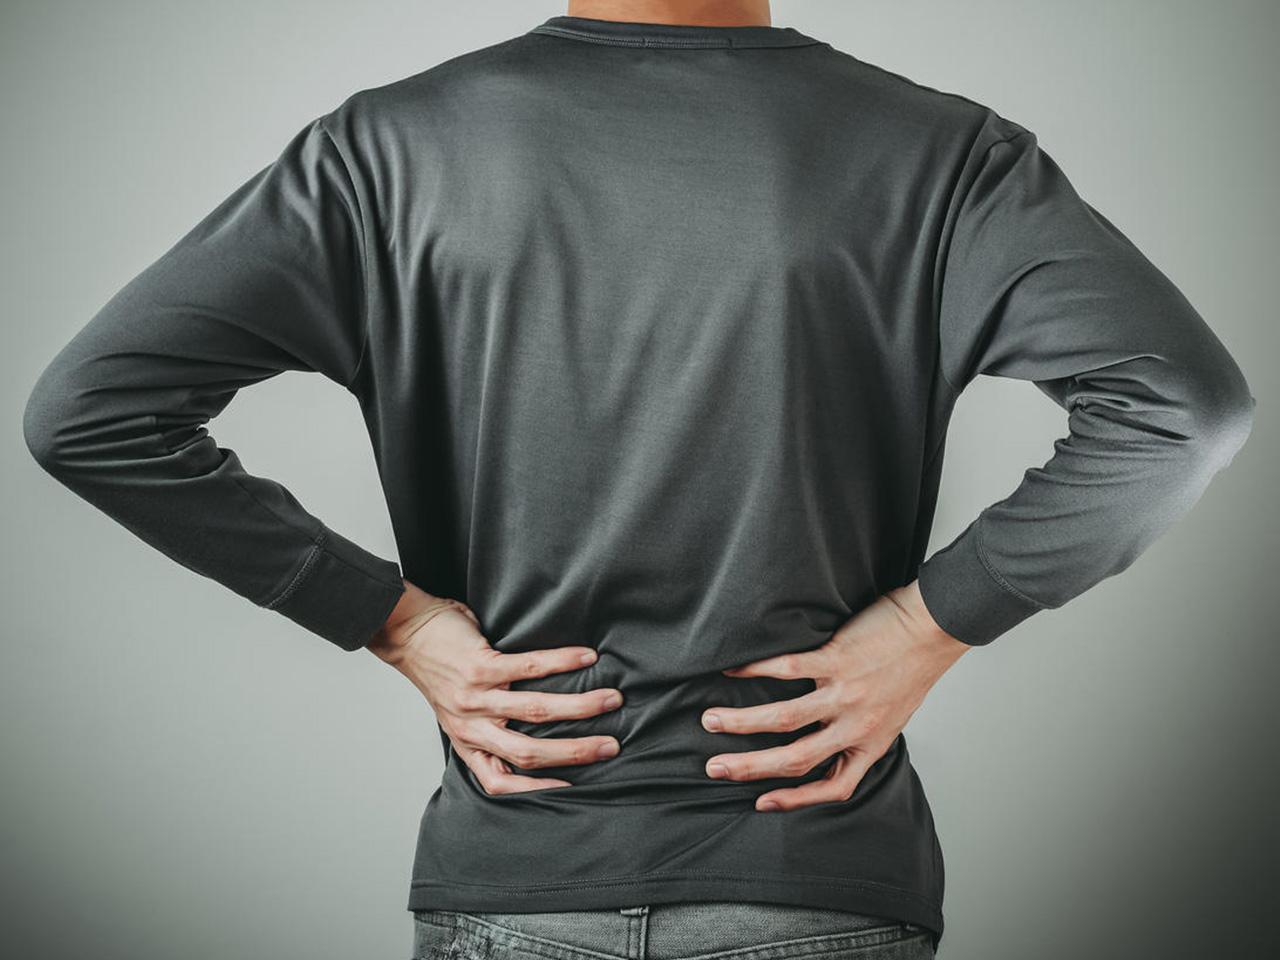 Mindennapi gyógytorna gyakorlatok derékfájás esetén